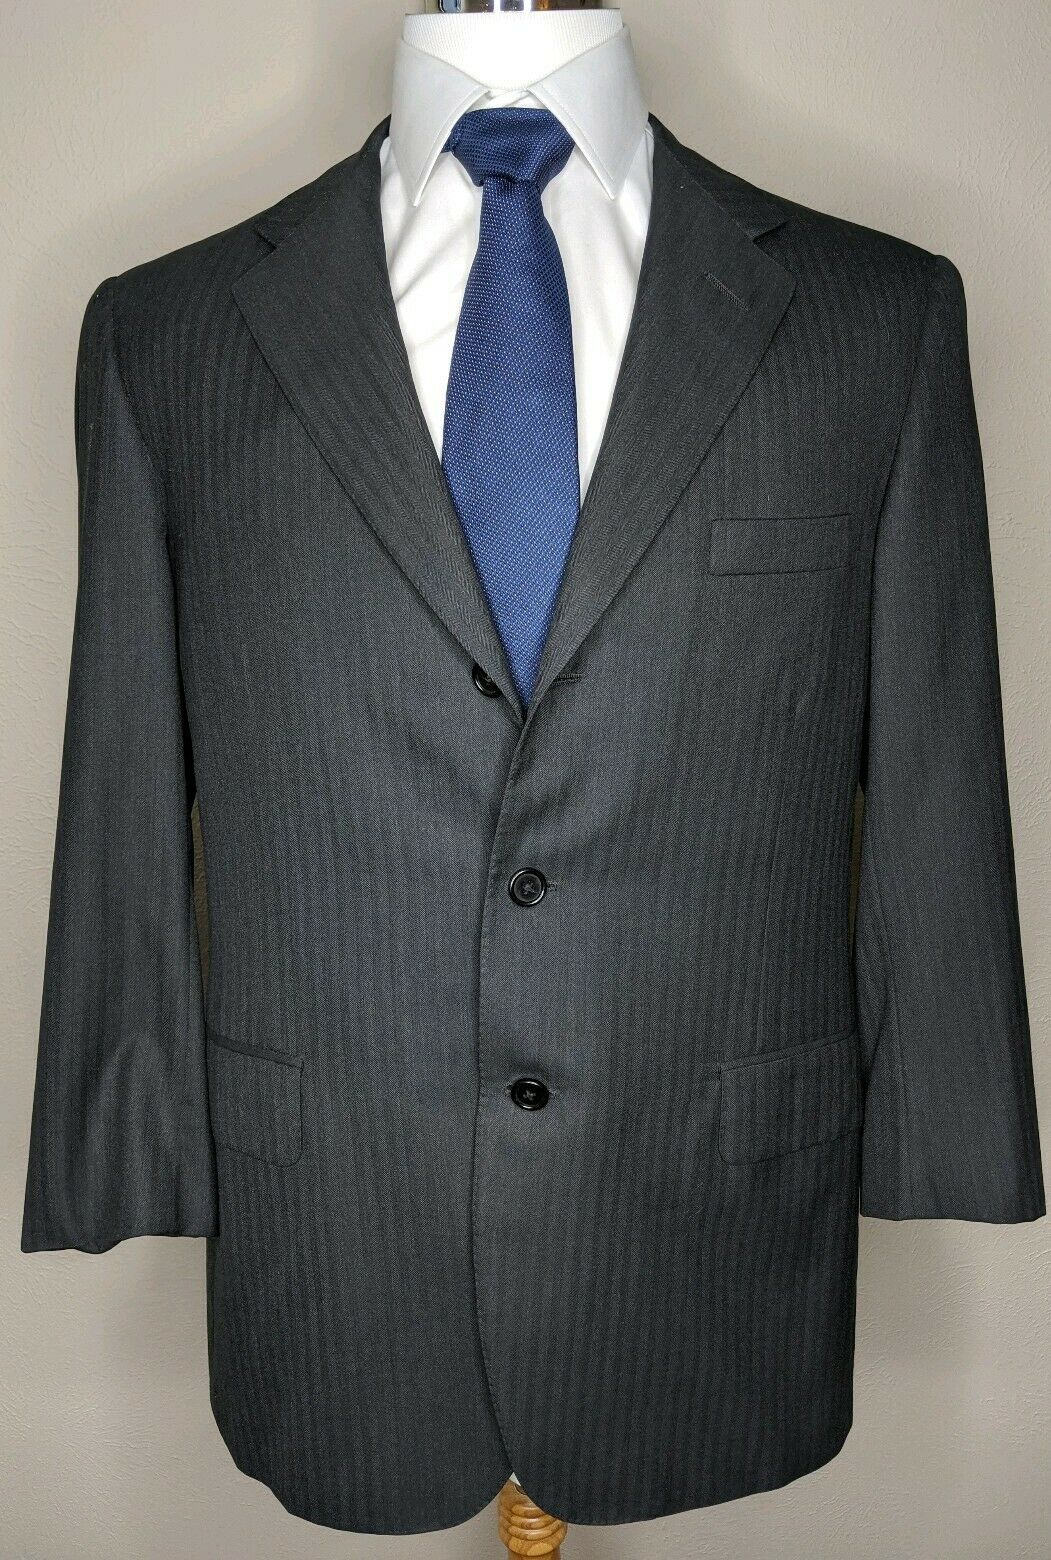 OXXFORD CLOTHES Renaissance Benjamin Charcoal Super 120s wolle3-Btn Suit Sz 42R